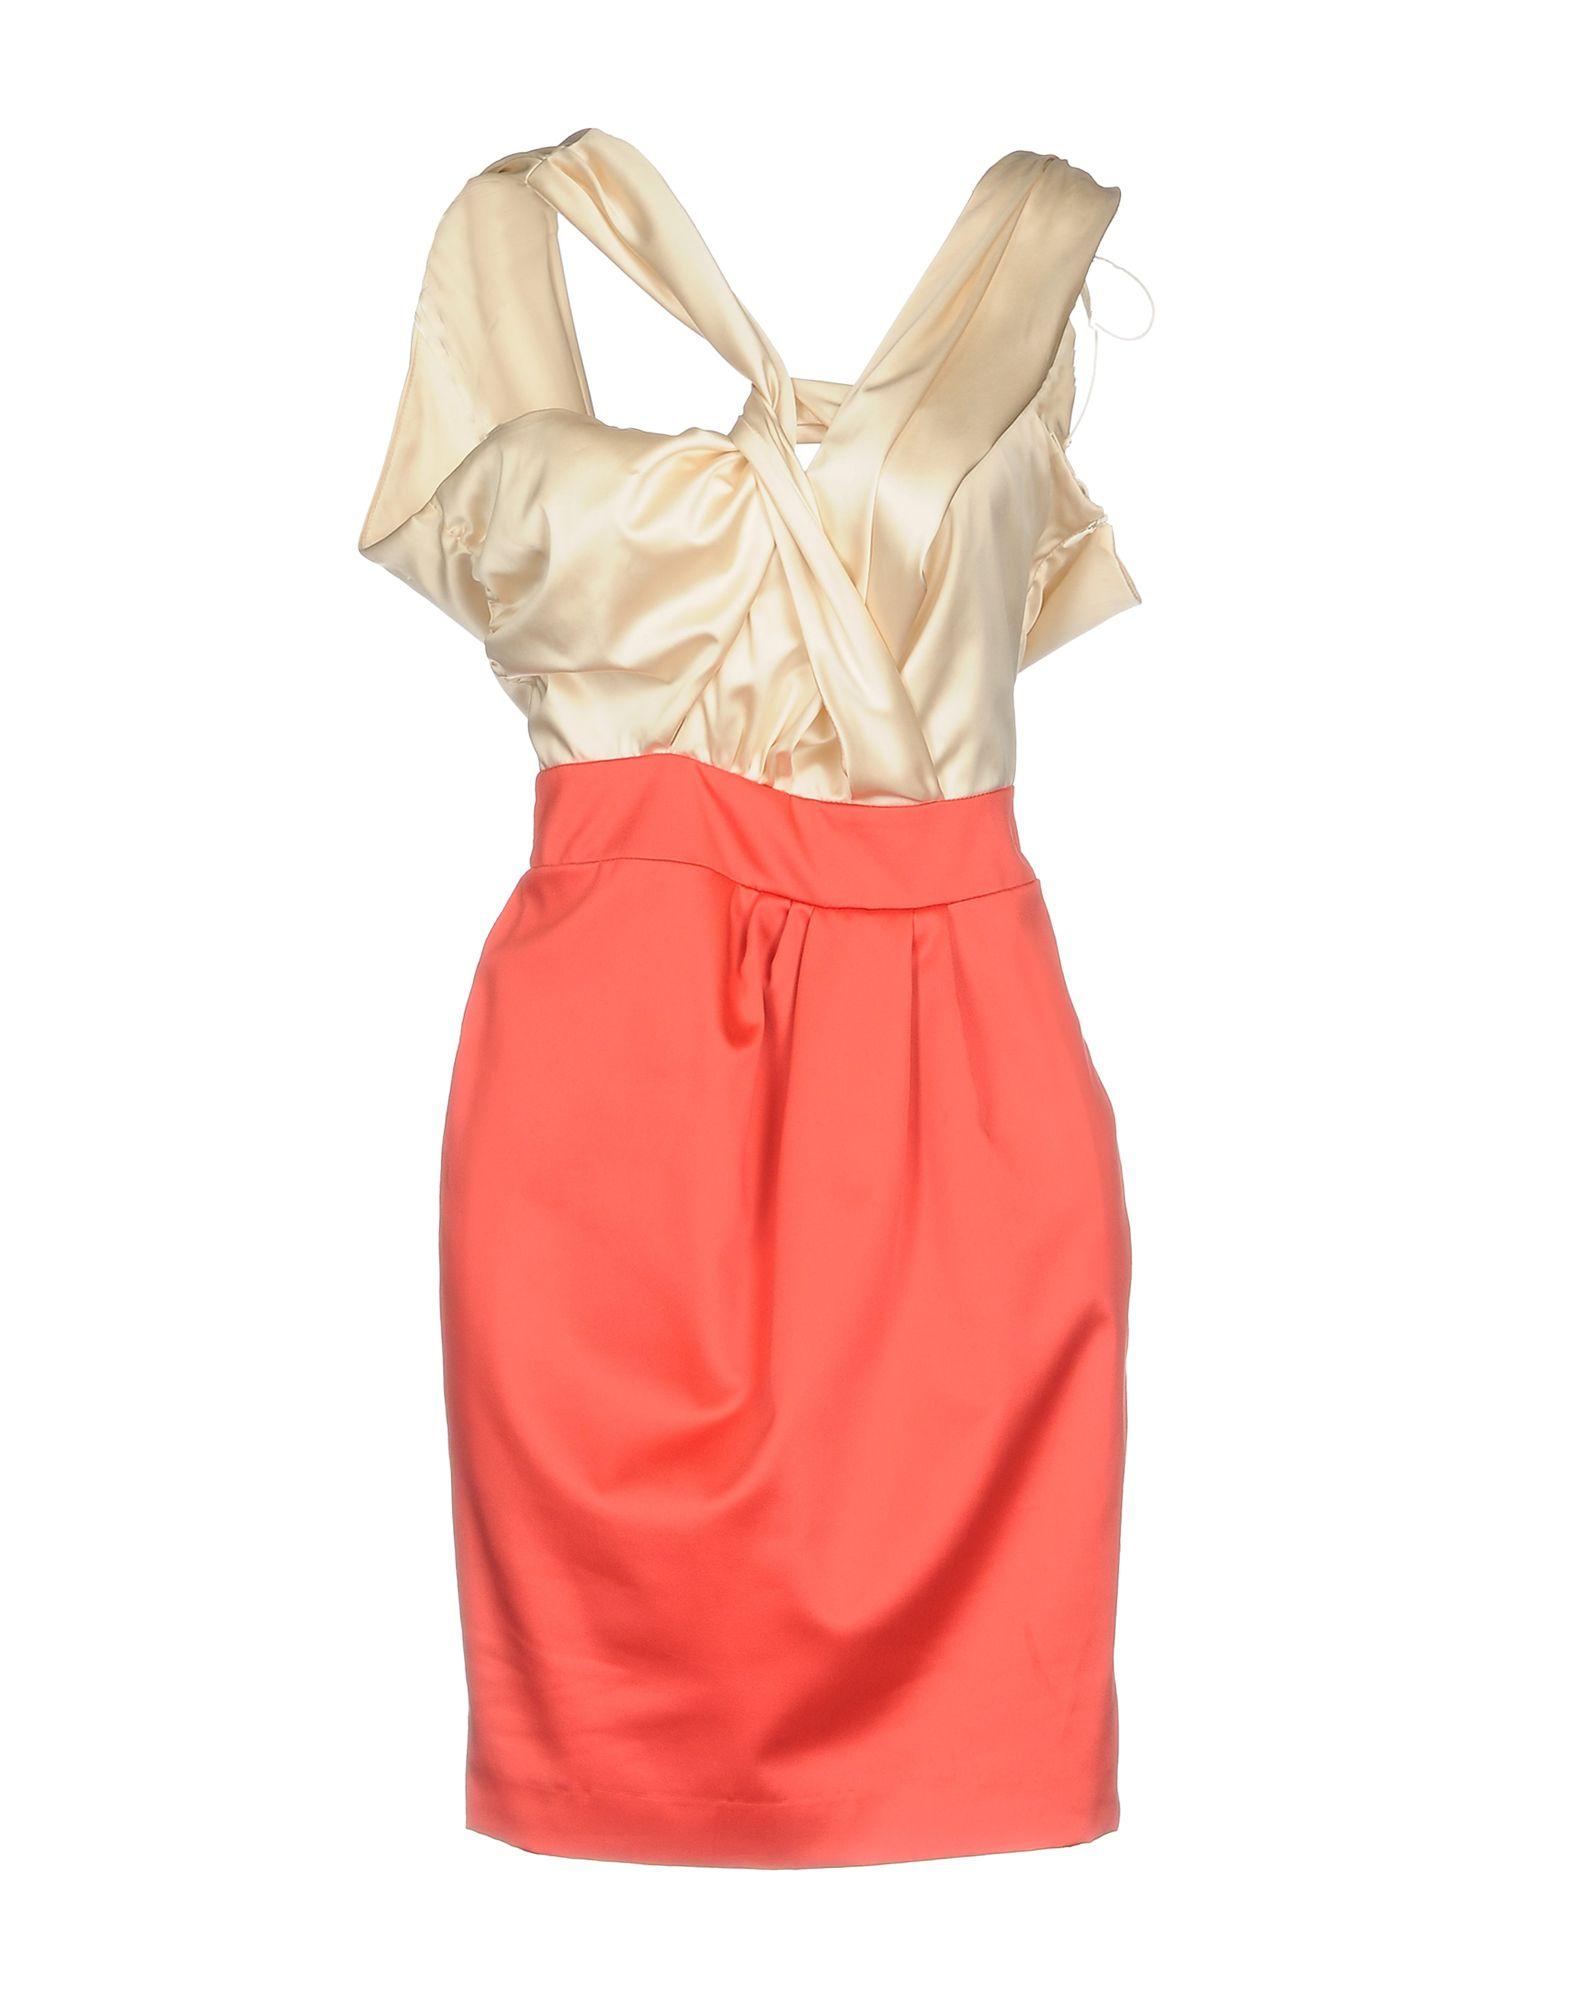 SHI 4 Короткое платье lacywear платье s 69 shi